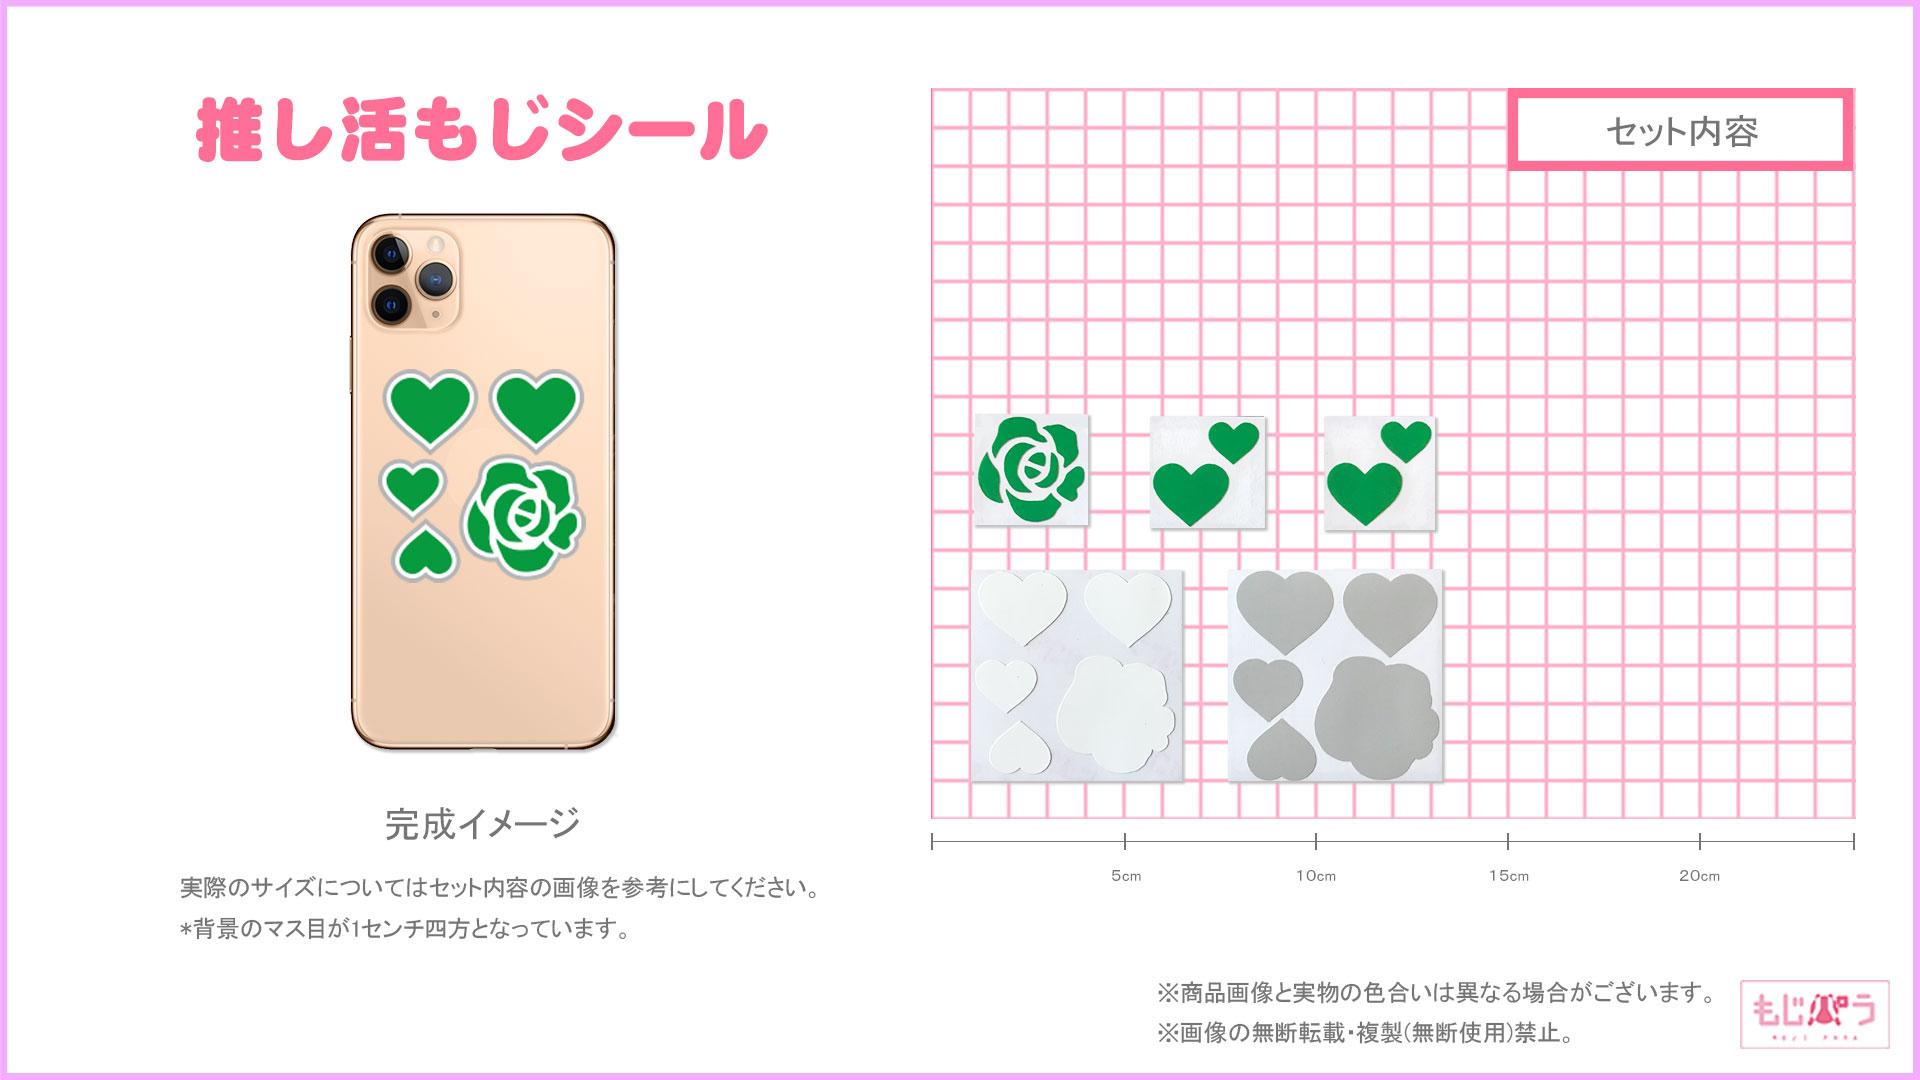 推し活もじシール デコるー 4S バラセット1 緑画像